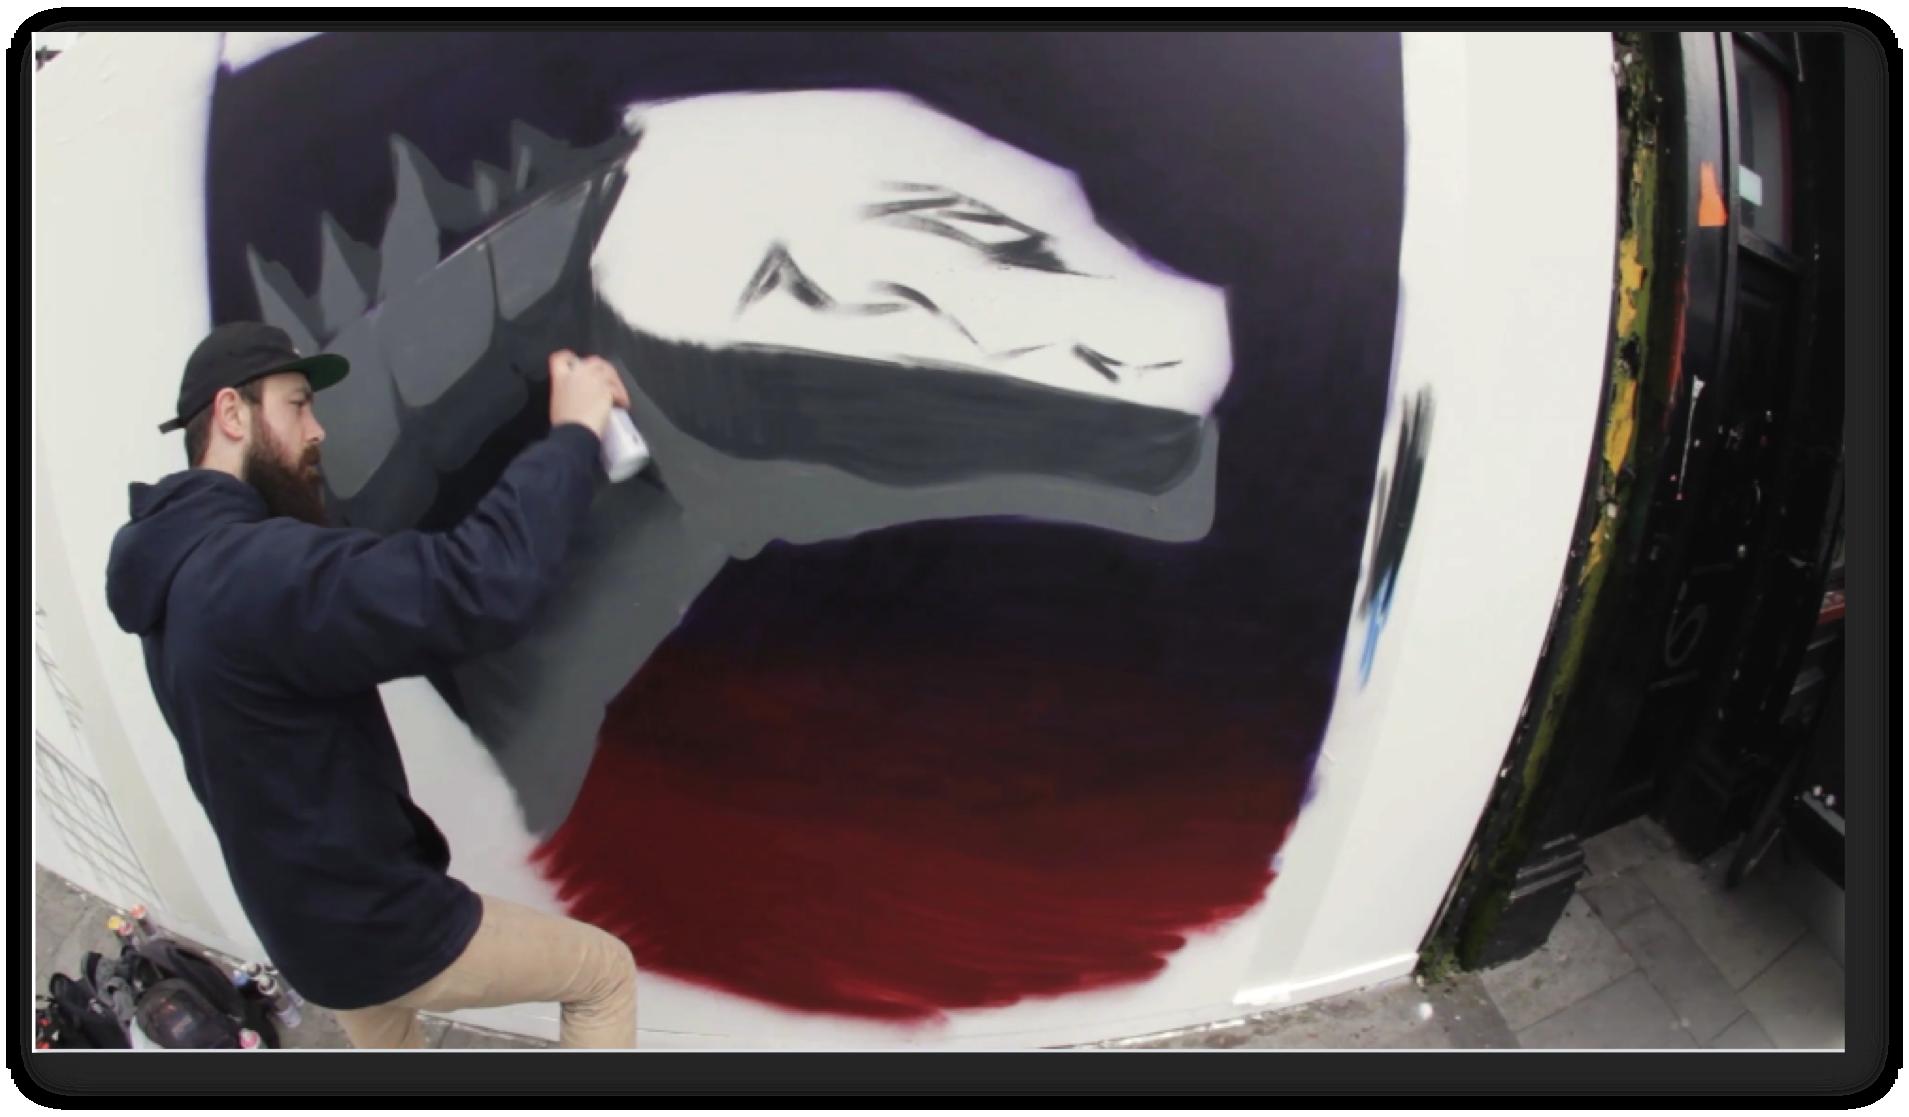 Godzilla_Case Study Final-7.png